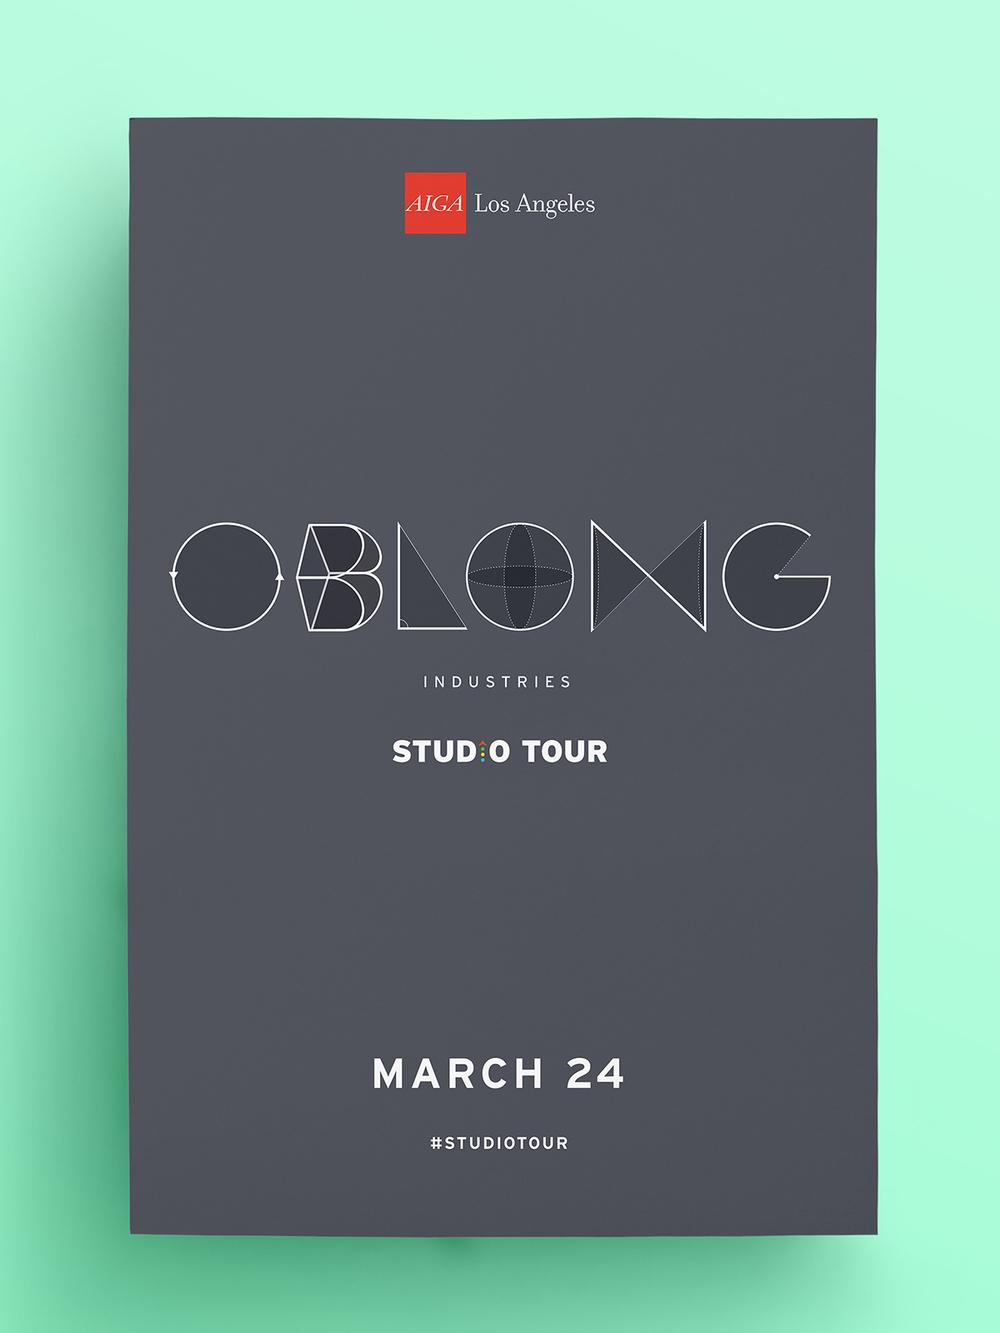 Oblong Industries Studio Tour